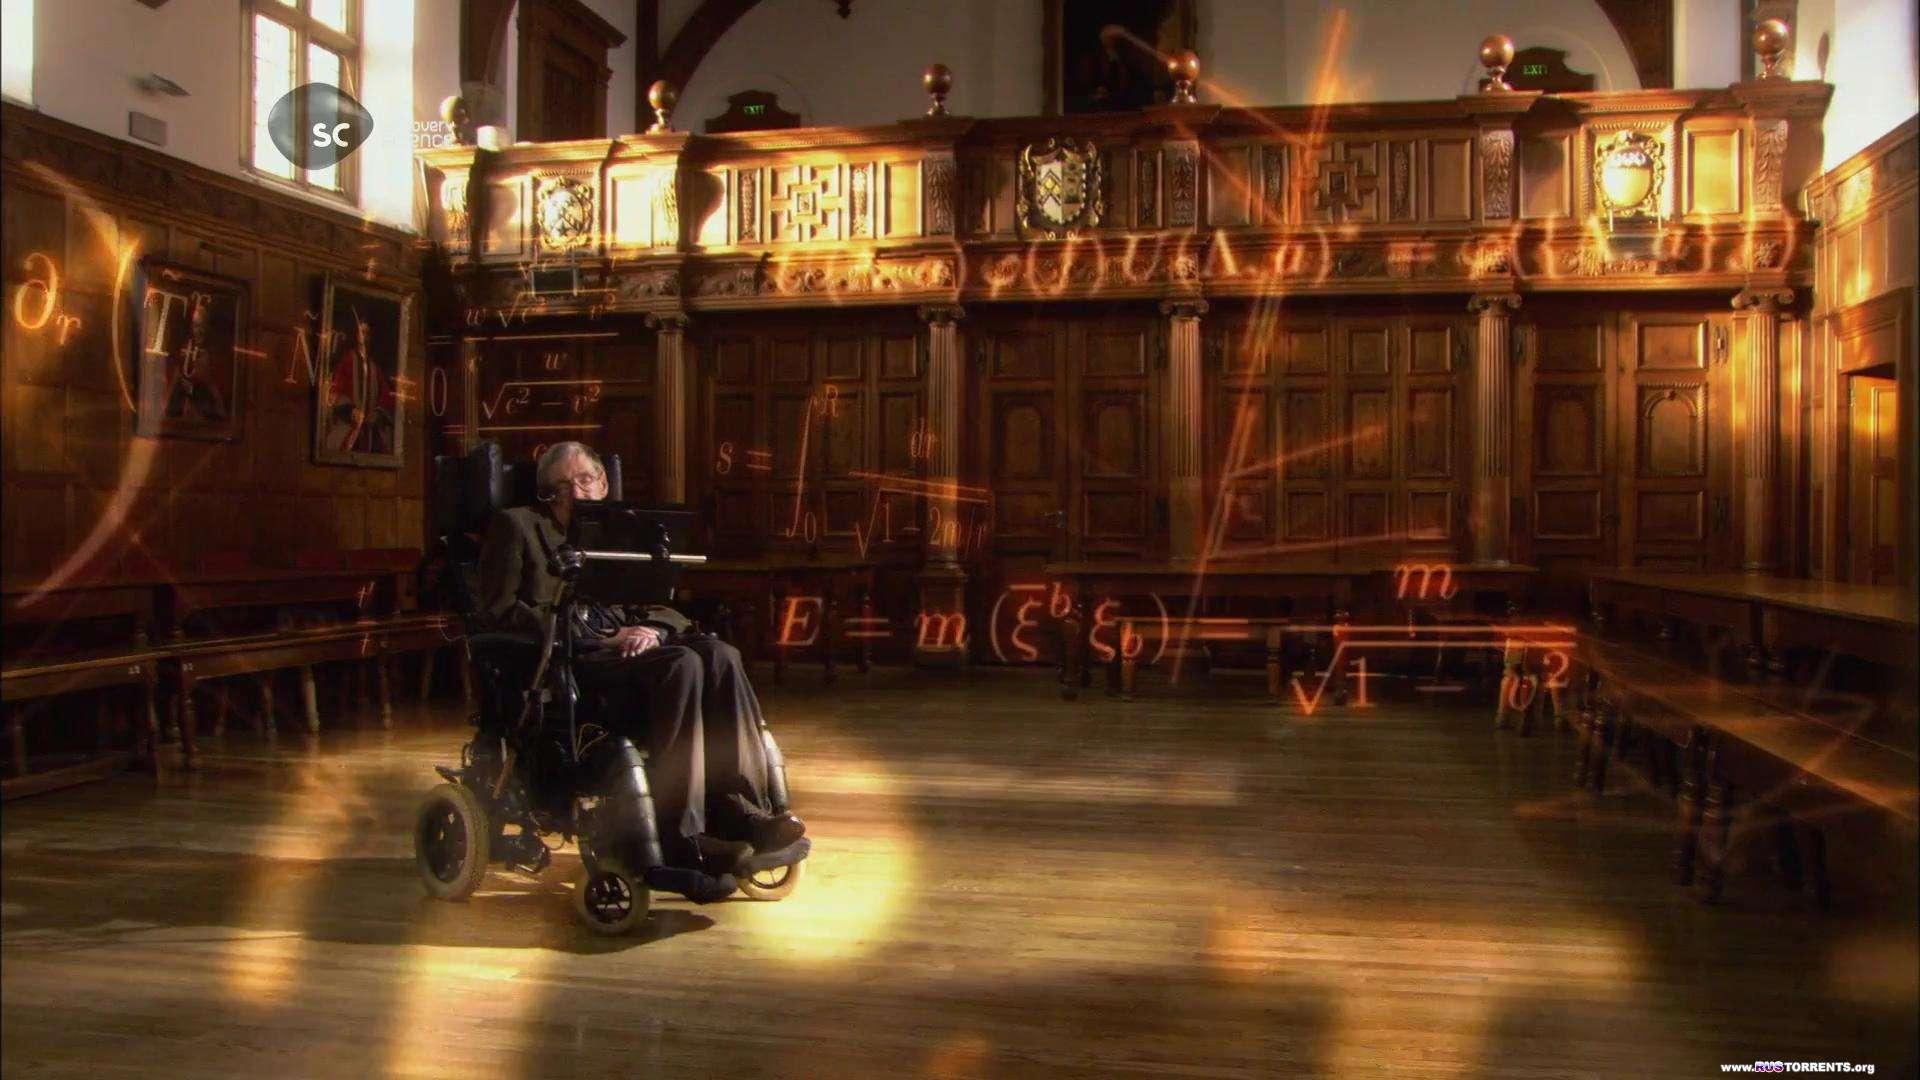 Вселенная Стивена Хокинга: Путешествие во времени | HDTV 1080i | D